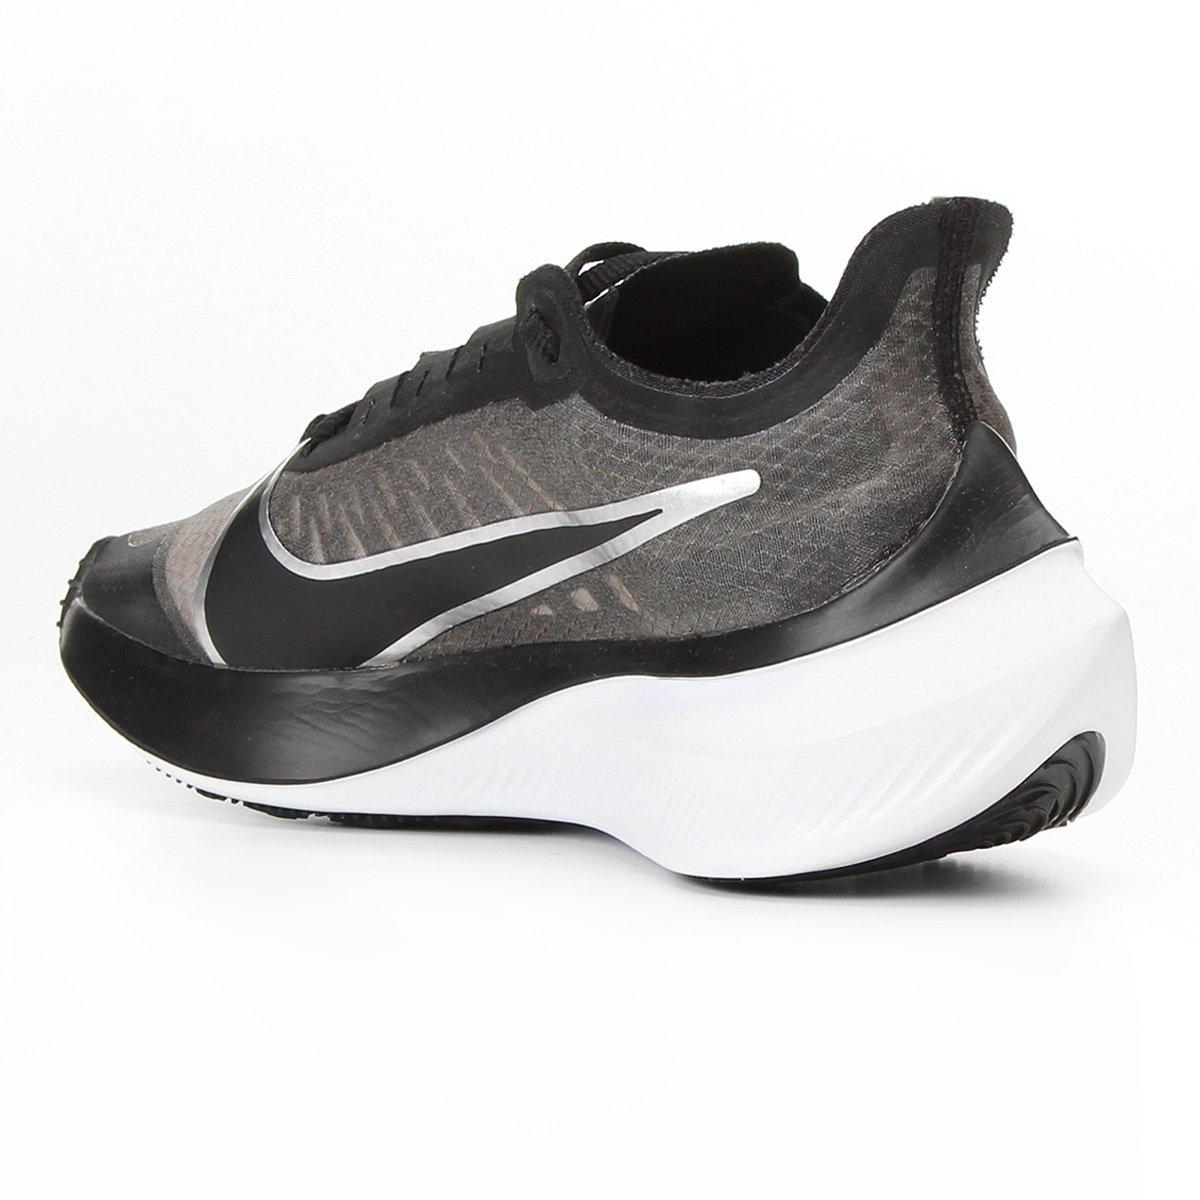 Tênis Nike Zoom Gravity Feminino - Tam: 34 - 1